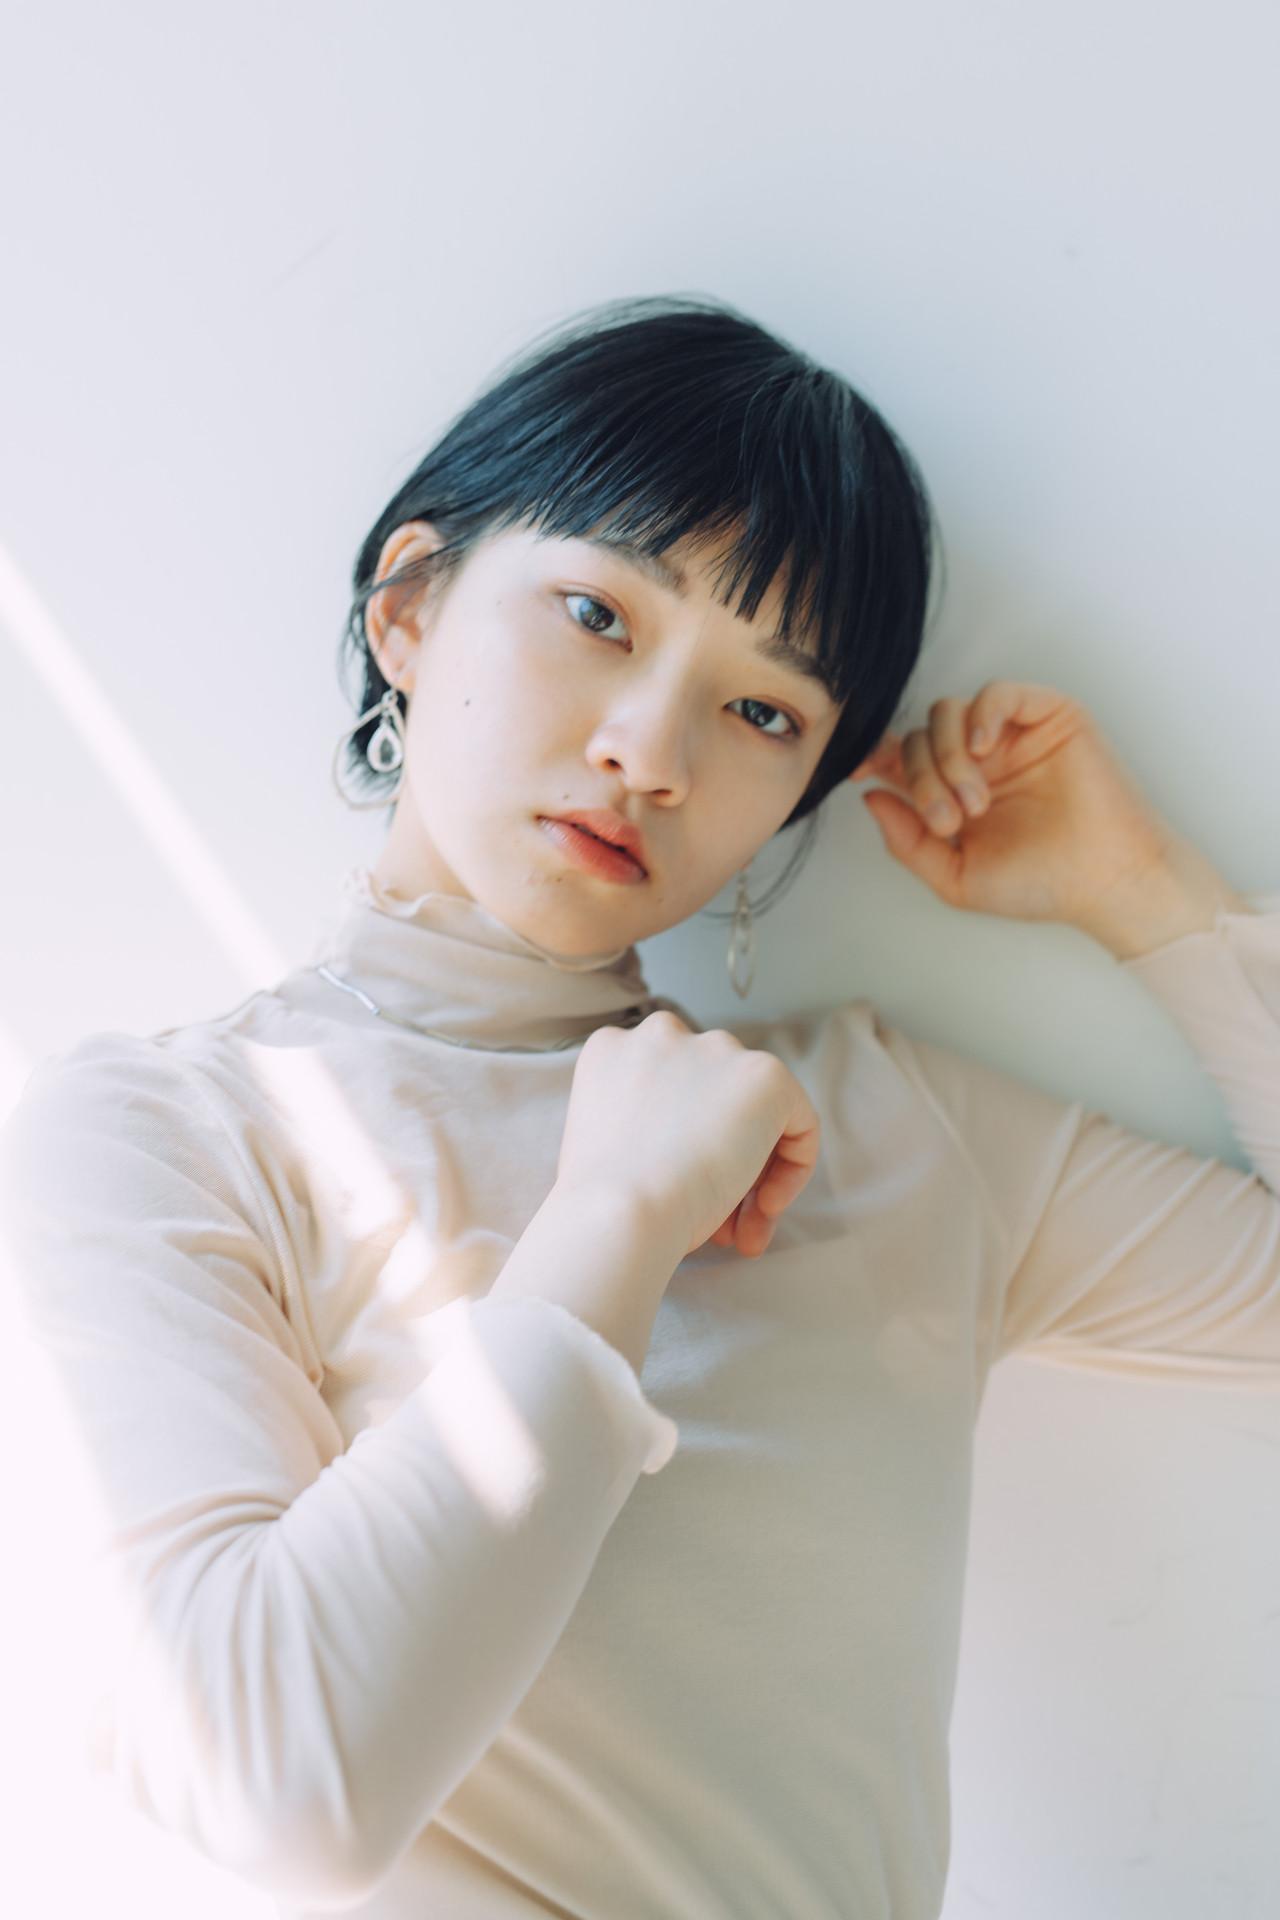 小顔ショート ショートボブ ショートヘア ハンサムショート ヘアスタイルや髪型の写真・画像 | 児玉善央 / GARDEN harajuku